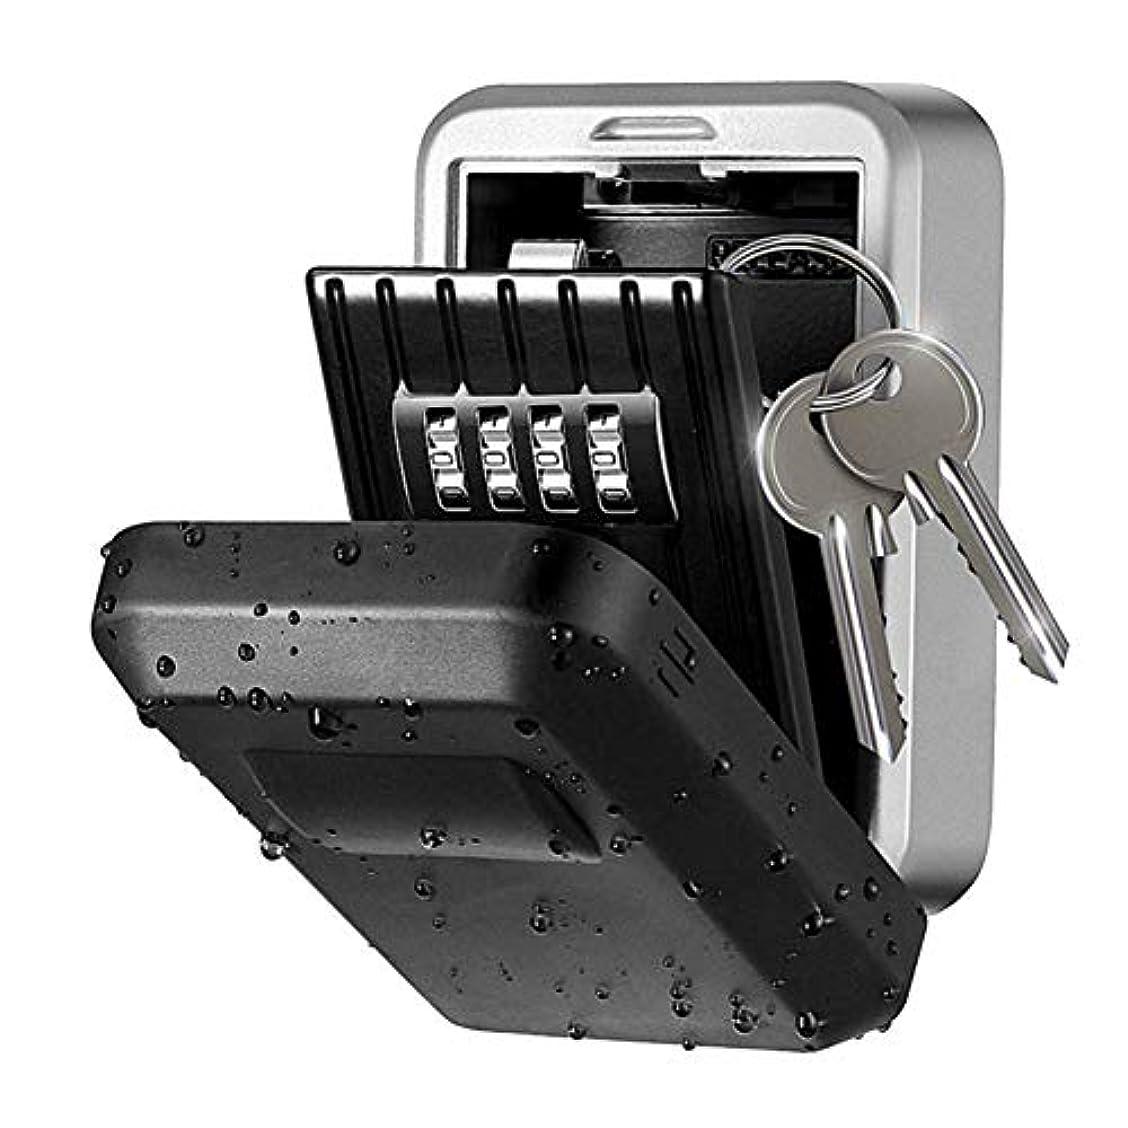 完全に乾く収縮過剰キーストレージボックス、ZOZOEウォールマウントキーロックボックス-強力、金属、屋外4桁の組み合わせウォールマウントキー屋内および屋外のホームオフィスでキーを安全に共有するための安全なセキュリティストレージボックス